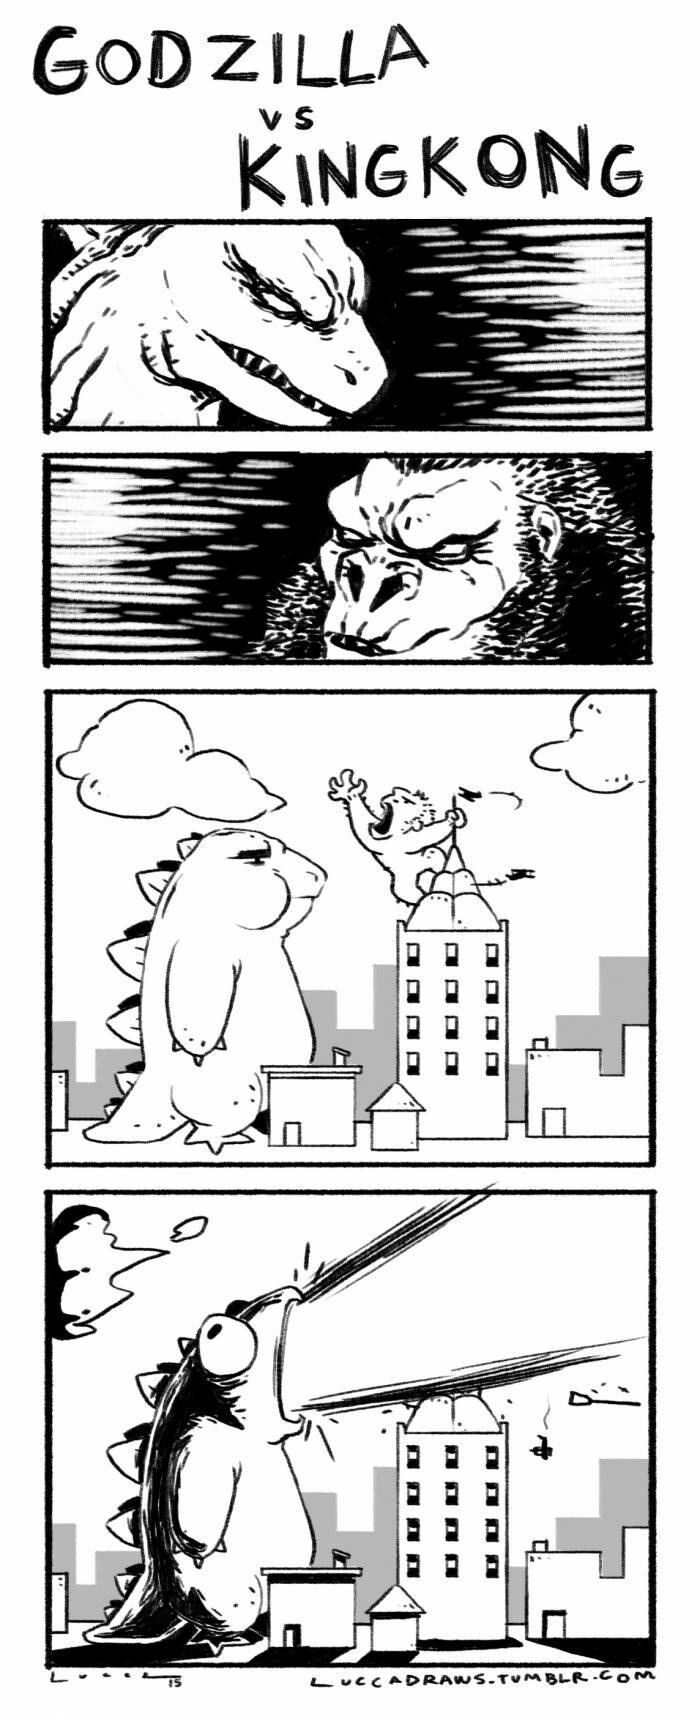 Godzilla vs. King Kong - 9GAG